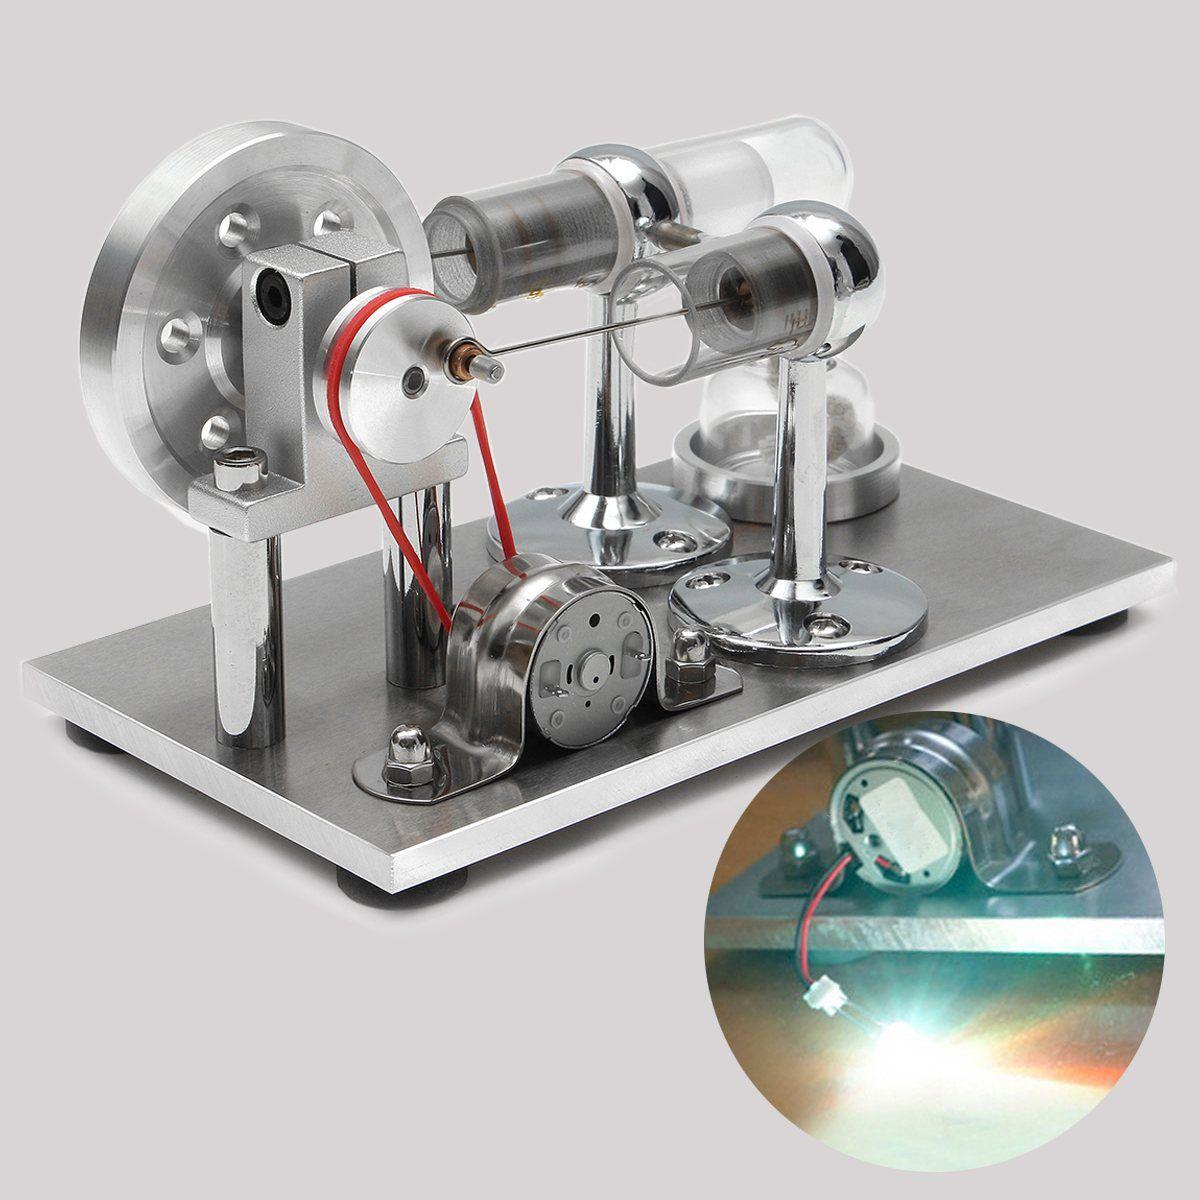 Воздушный Стирлинг Двигатели модель электричество Мощность генератор Двигатель комплект игрушка в подарок